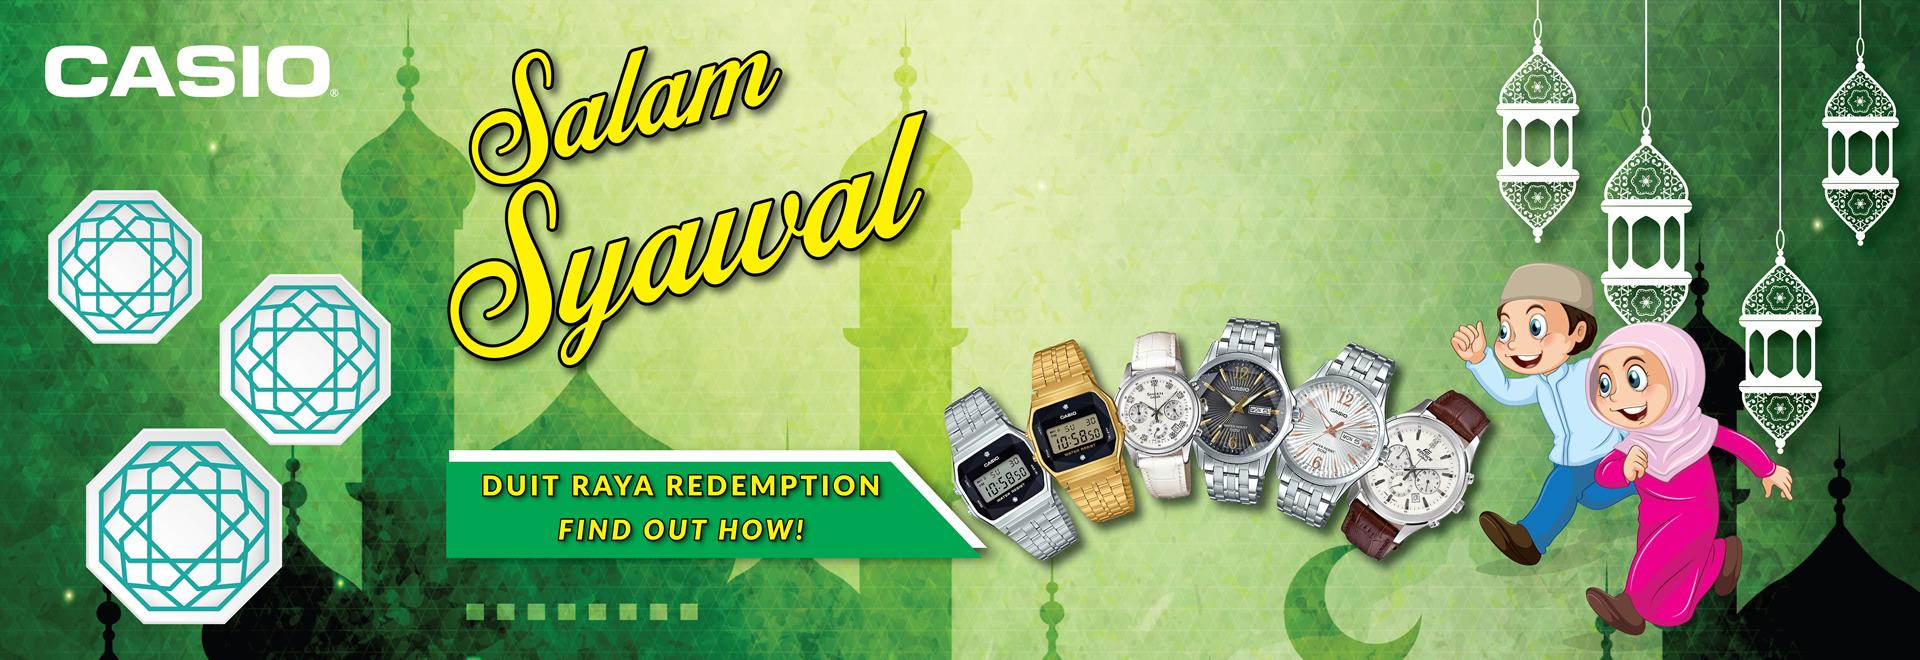 Hari Raya Campaign: Salam Syawal